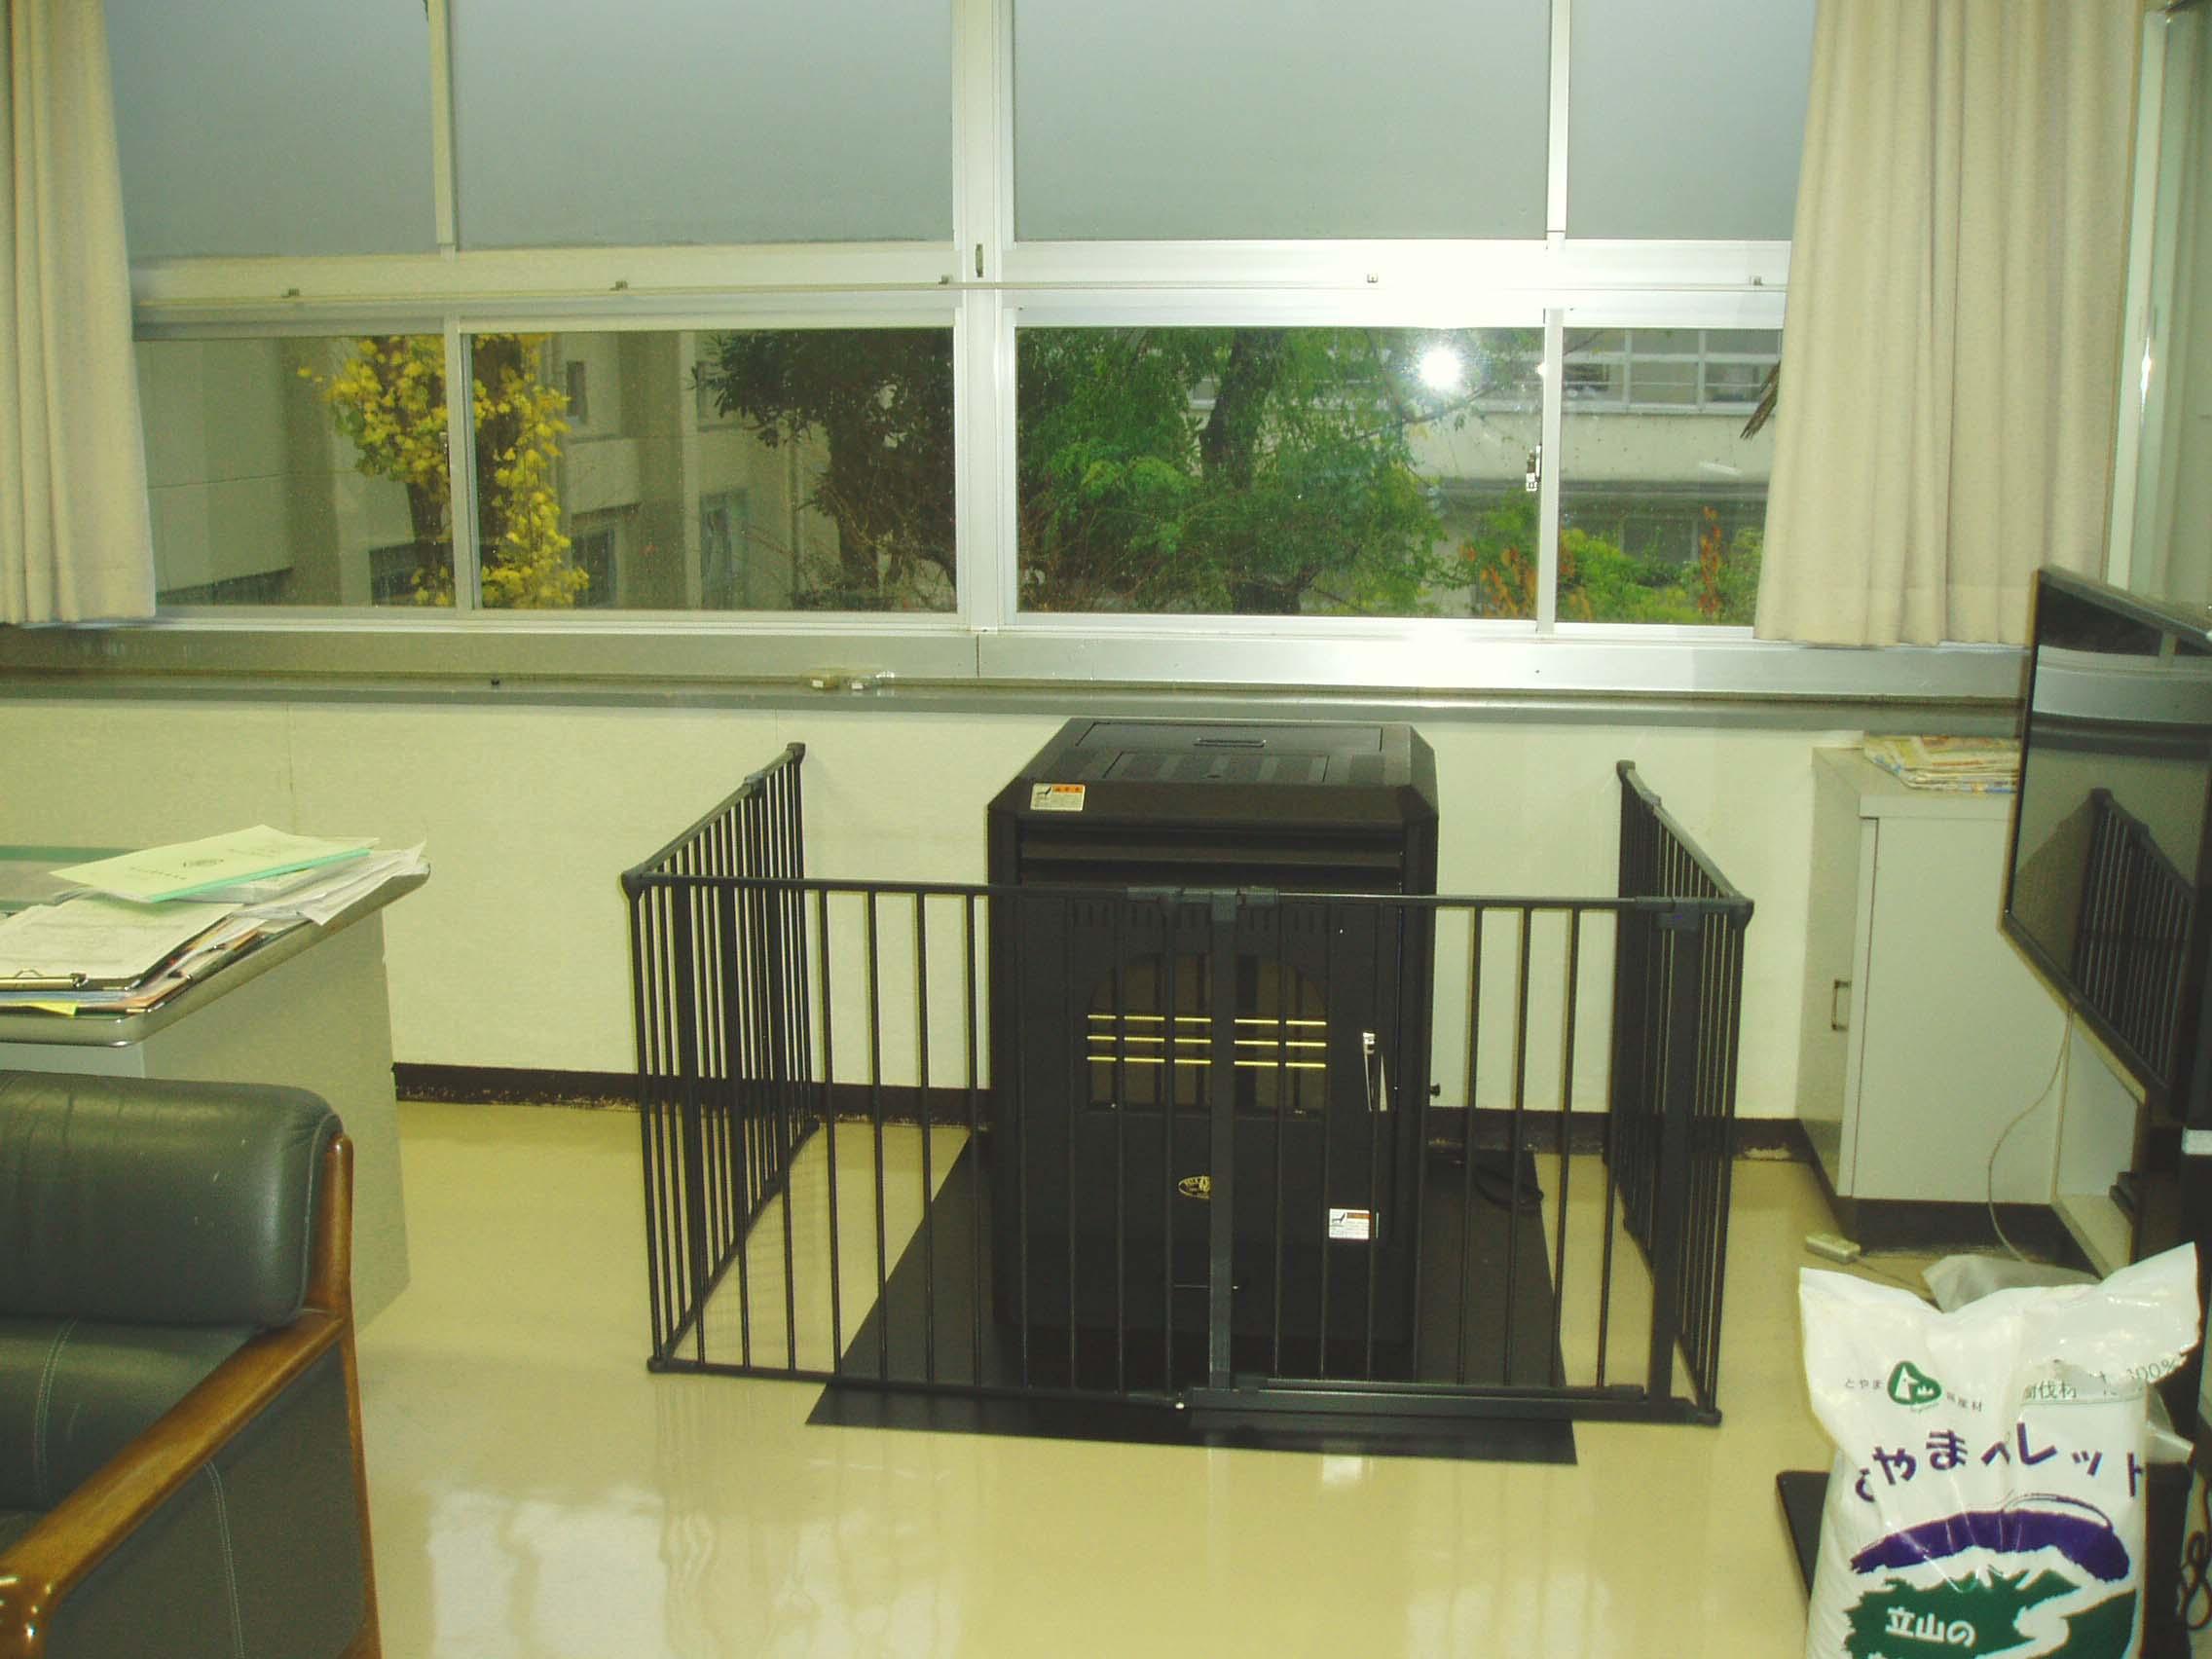 菊川小学校様 校長室にペレットストーブを設置しました